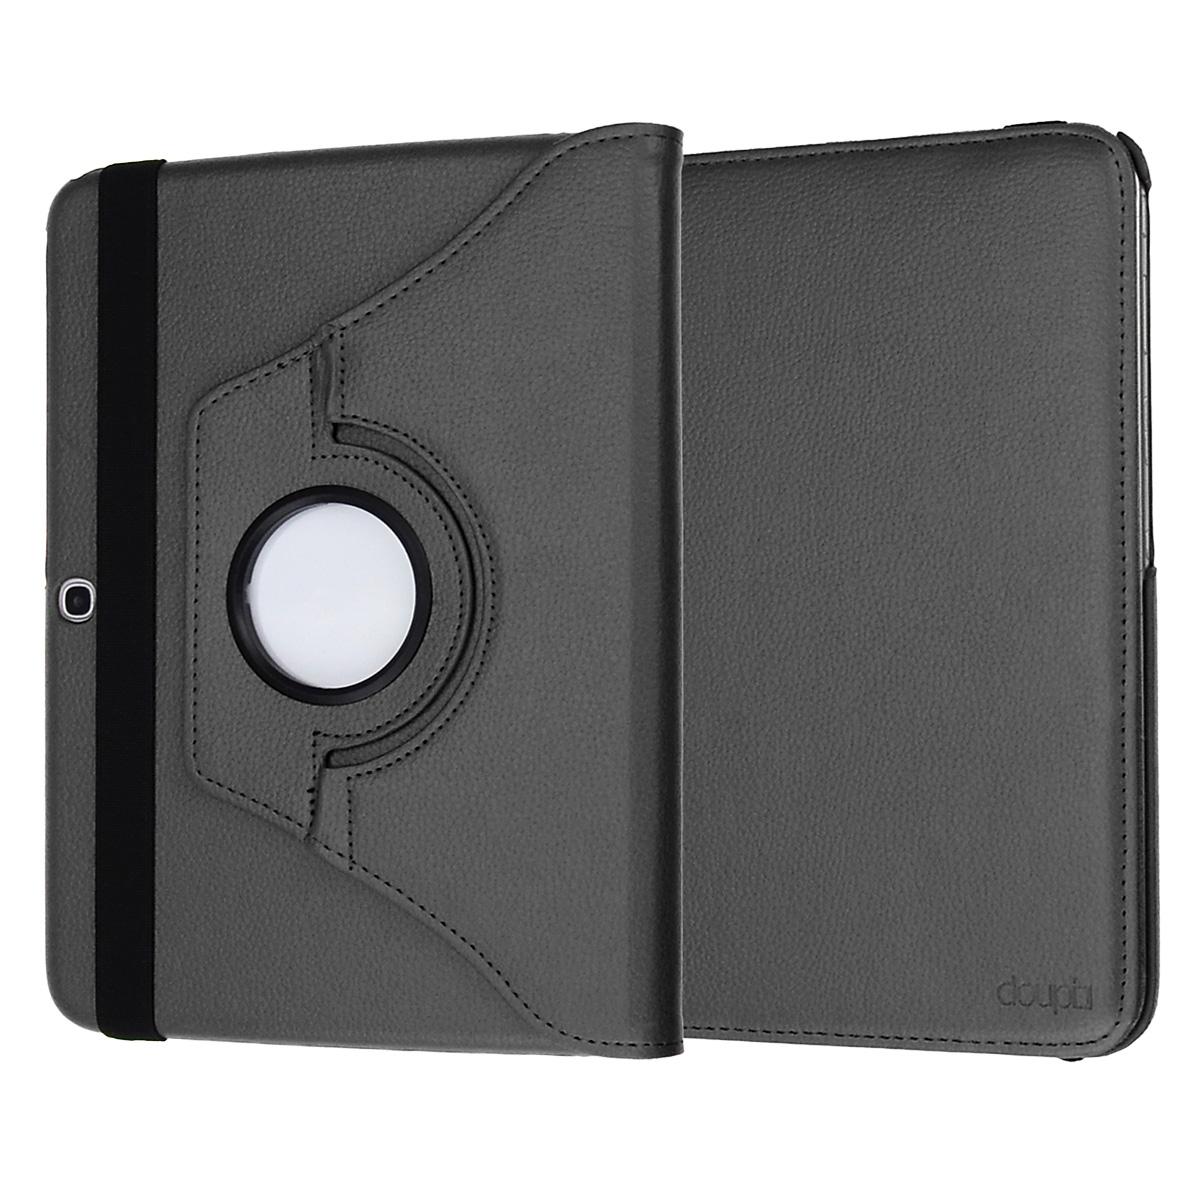 360-drehbar-Huelle-Samsung-Tab-E-9-6-Schutz-Cover-Case-Tasche-Etui-Staender-Folie Indexbild 8